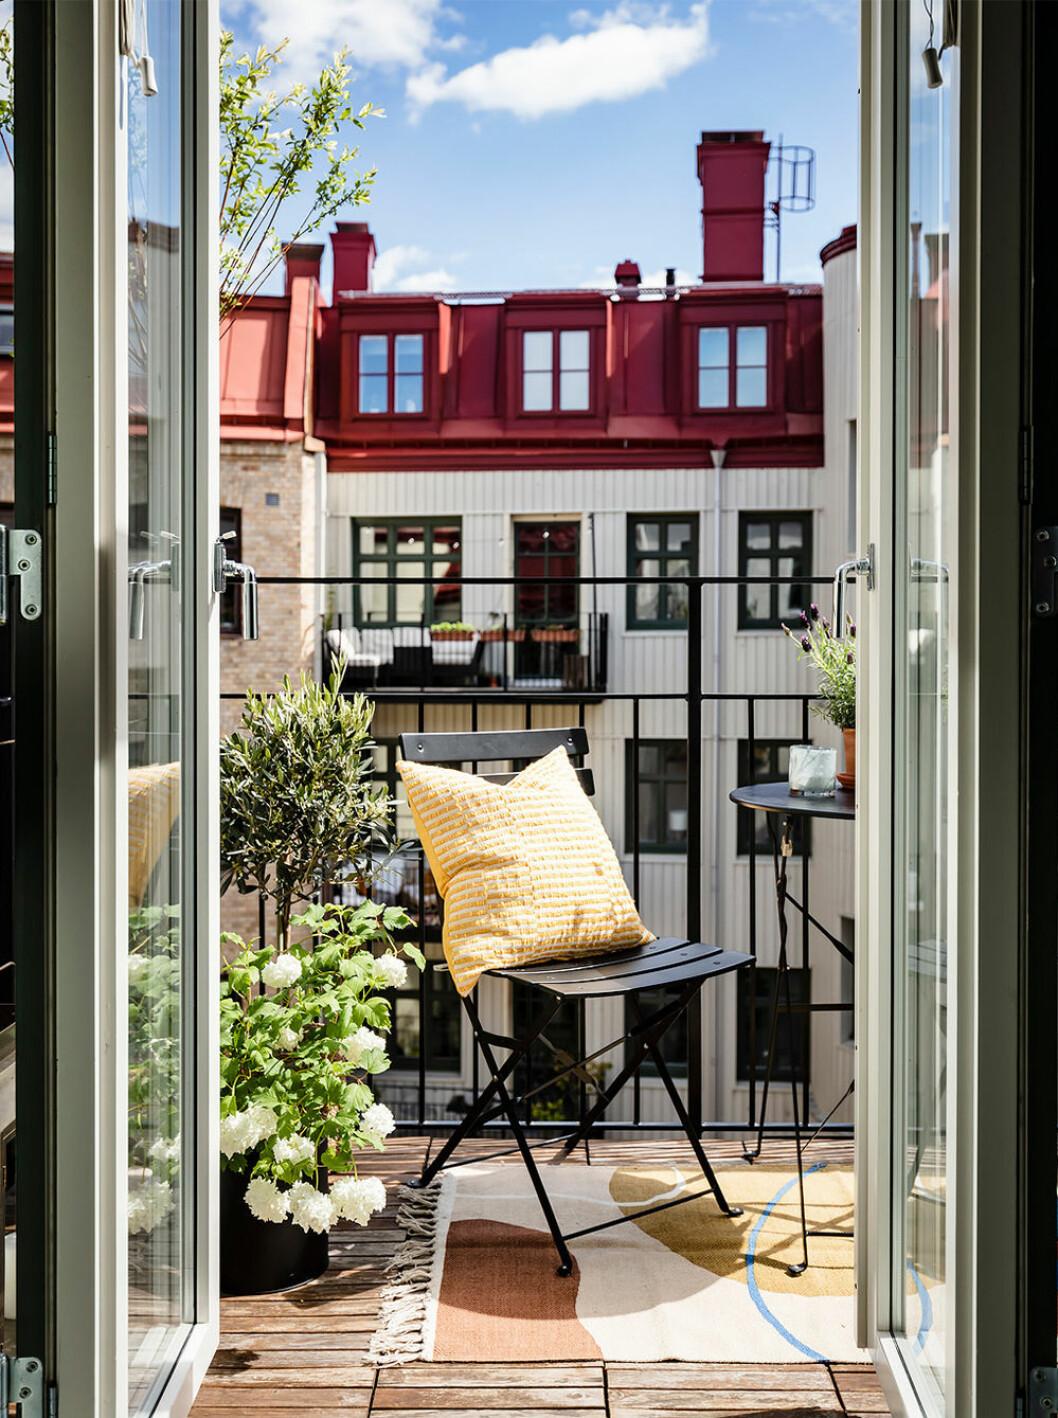 Mysig balkong i Göteborg med textilier och växter